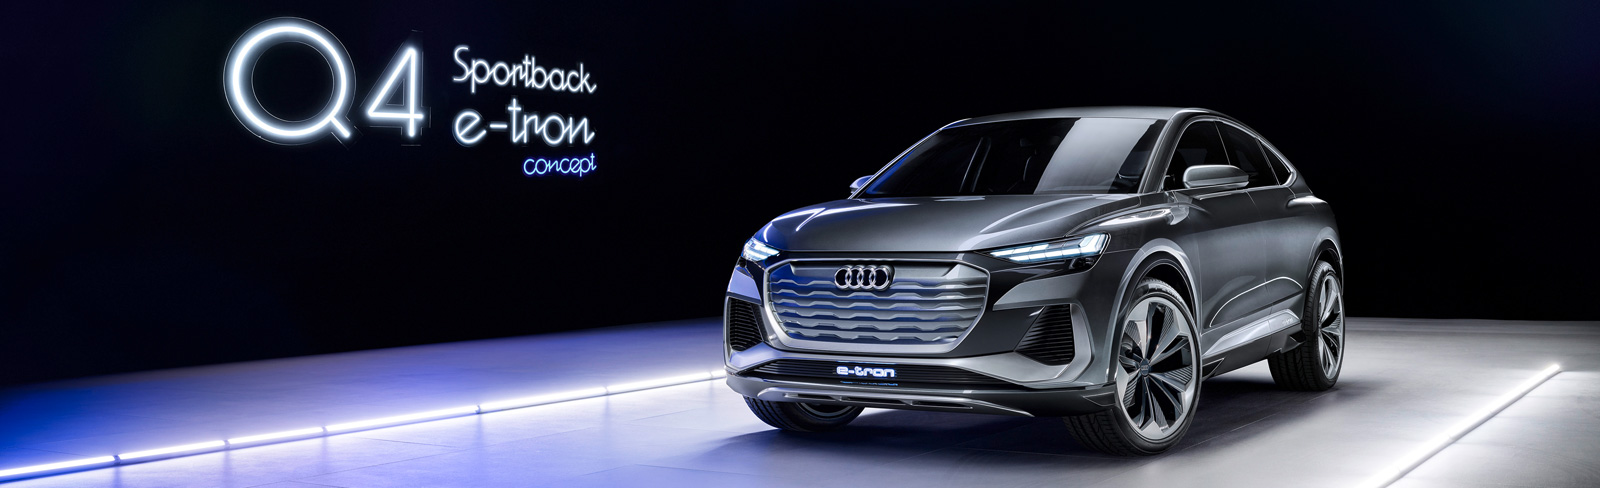 2020 Audi Q4 Sportback e-tron concept goes official